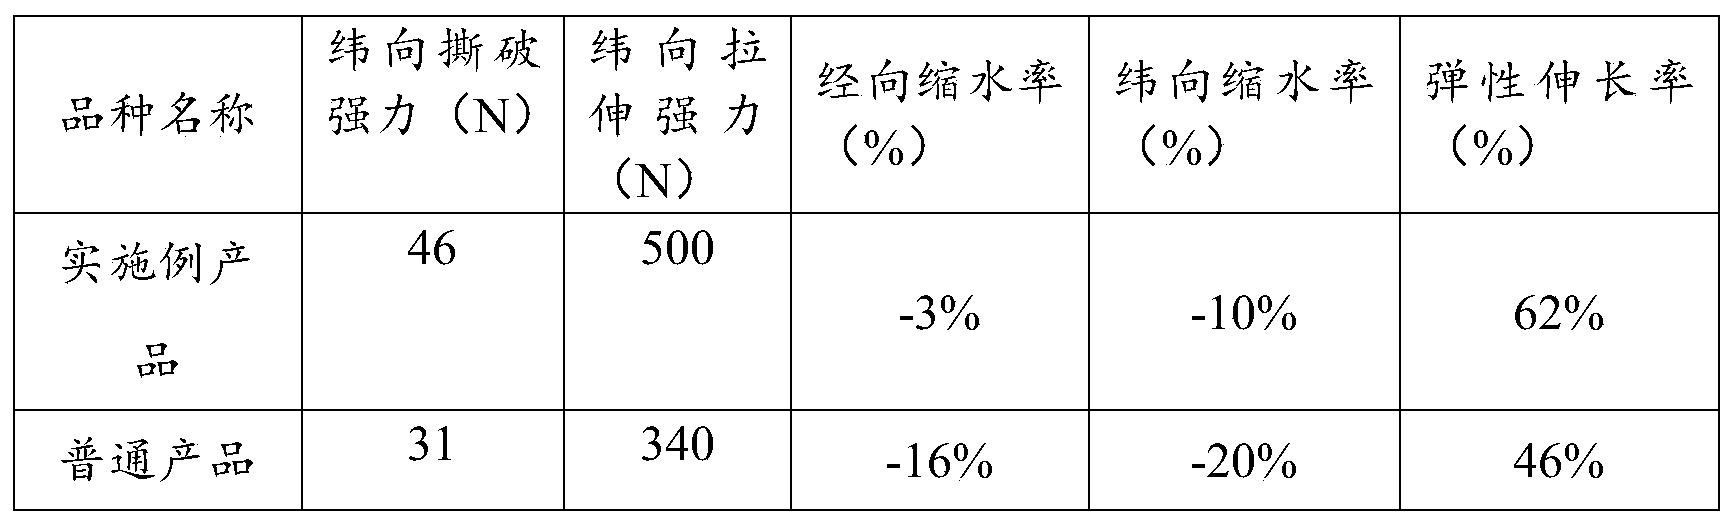 Figure PCTCN2019078519-appb-000006